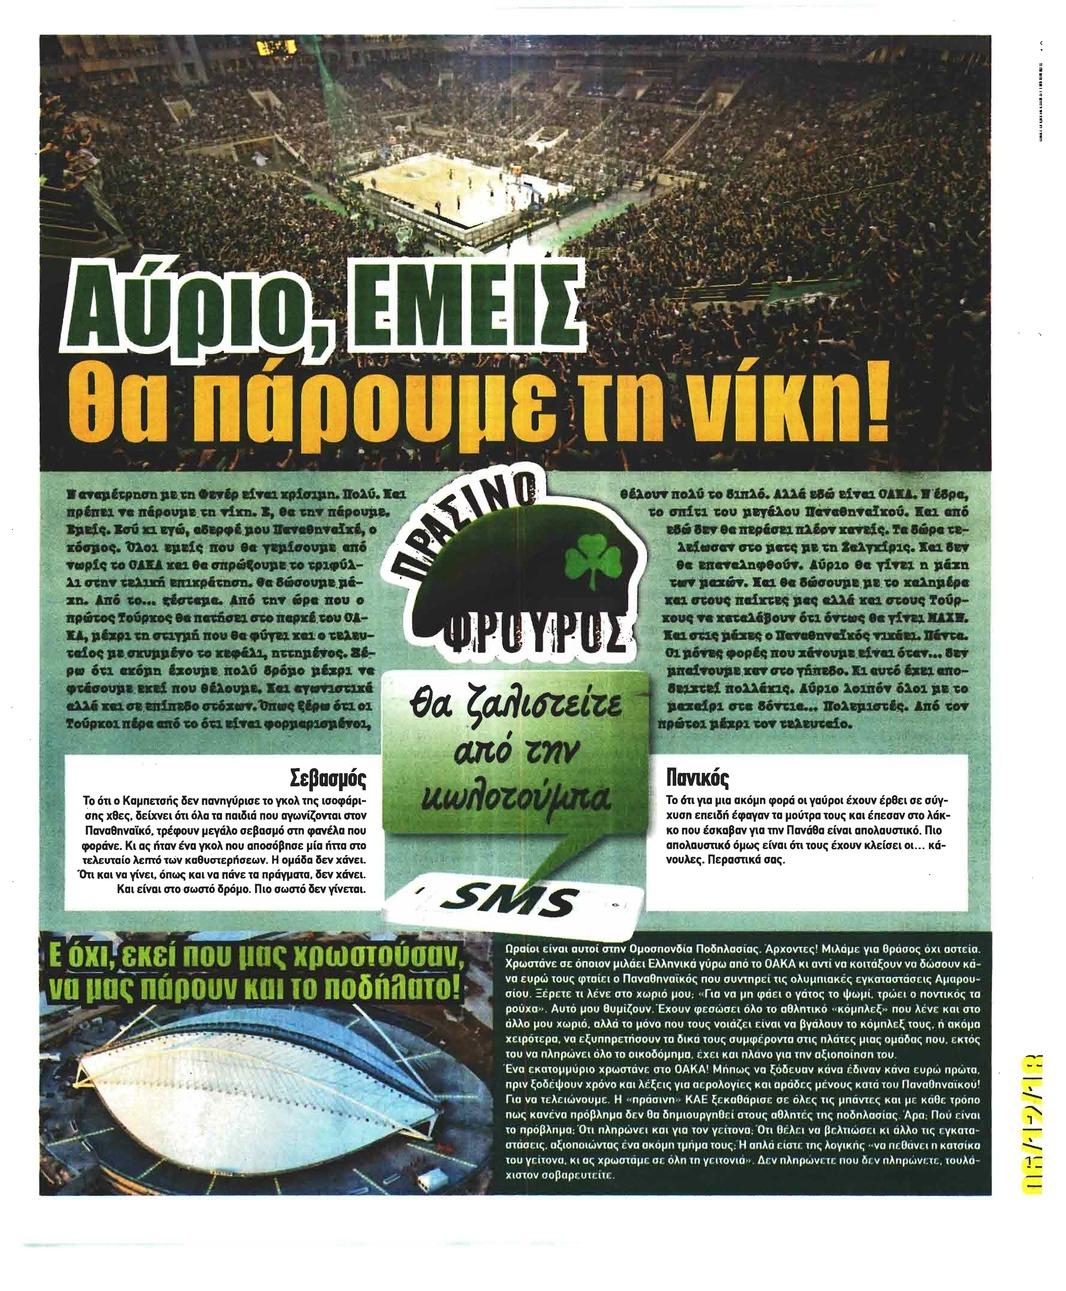 Οπισθόφυλλο εφημερίδας Η Πράσινη